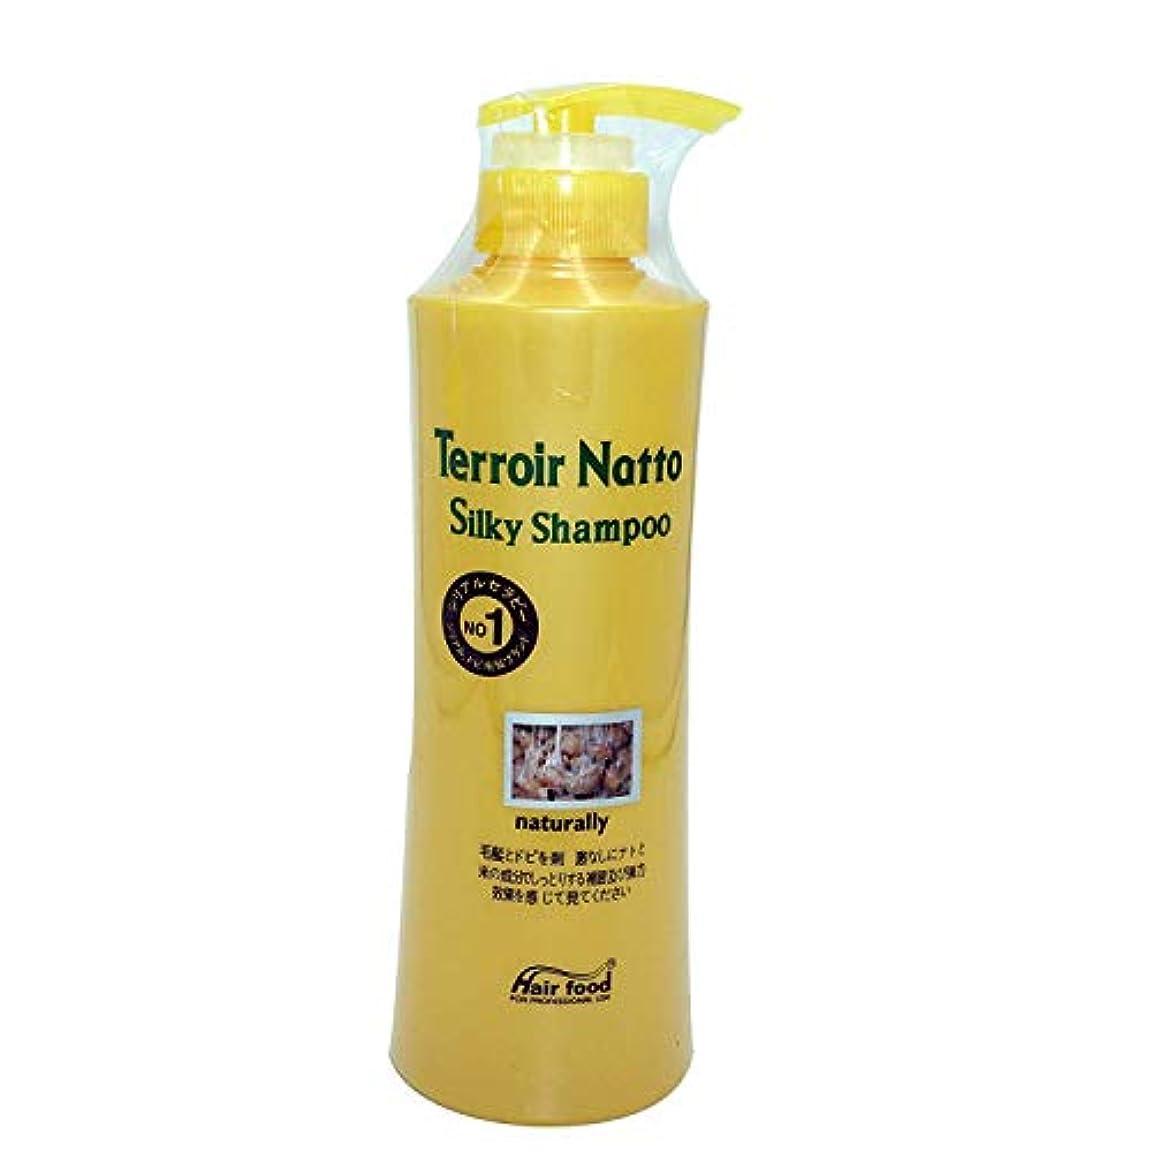 価格途方もない下着Hair food テロワール納豆シルキーシャンプー500ml、乾燥薄毛とセンシティブな頭皮用 - ビタミンタンパクによる弾力ヘア (Terroir Natto Silky Shampoo 500ml for Dry Thin...